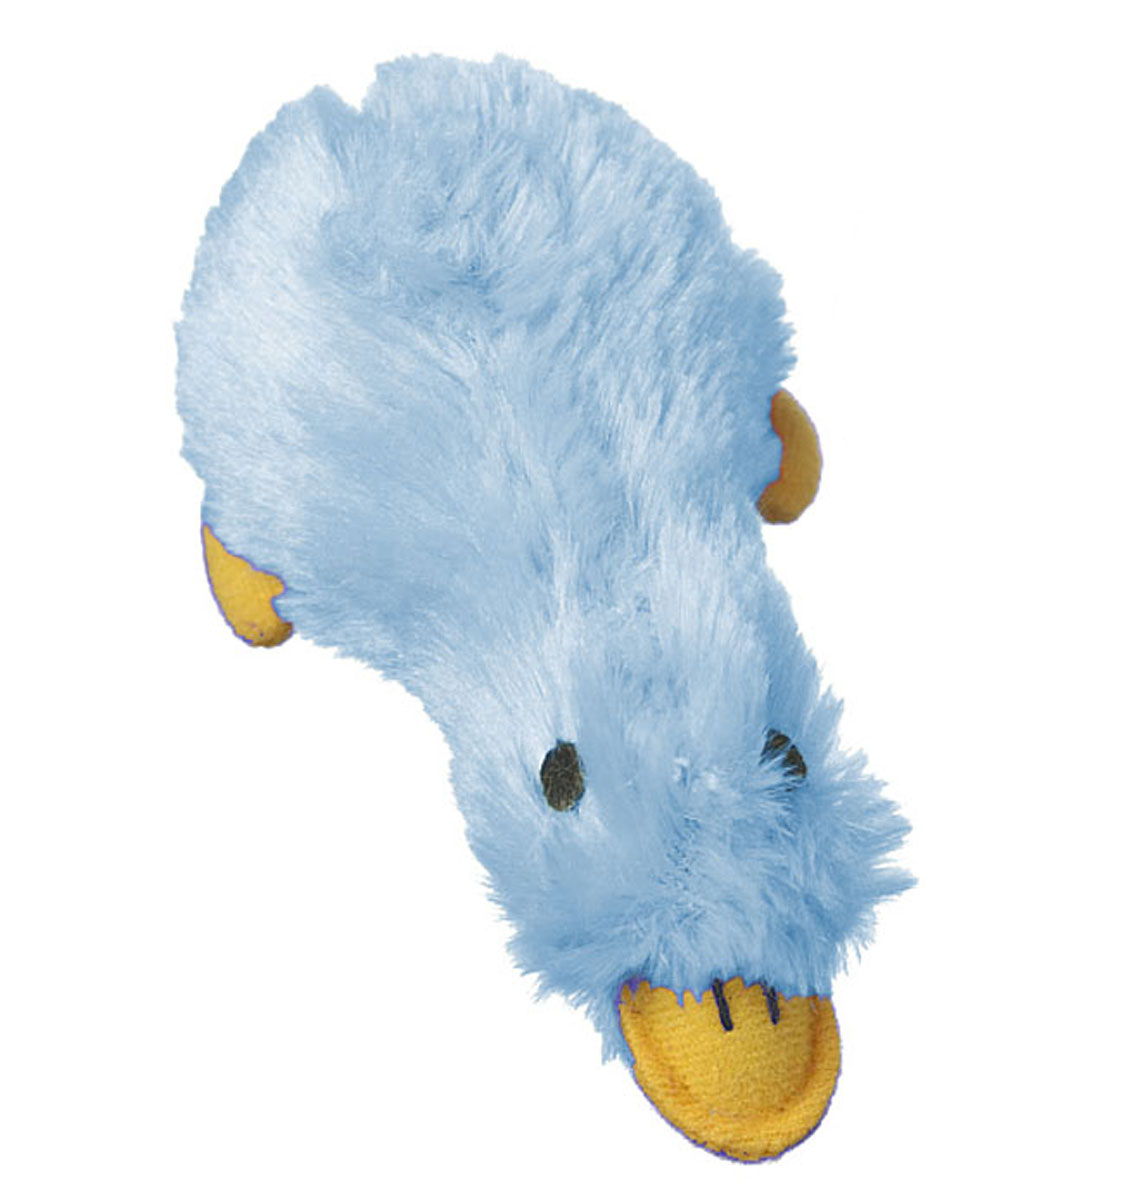 Игрушка для животных Multipet Утка, с пищалкой, цвет: голубой12-37706Игрушка Multipet Утка, изготовленная из искусственного меха, предназначена для собак и кошек различных пород. Игрушка при надавливании или захвате пастью пищит. Такая игрушка порадует вашего любимца, а вам доставит массу приятных эмоций, ведь наблюдать за игрой всегда интересно и приятно.